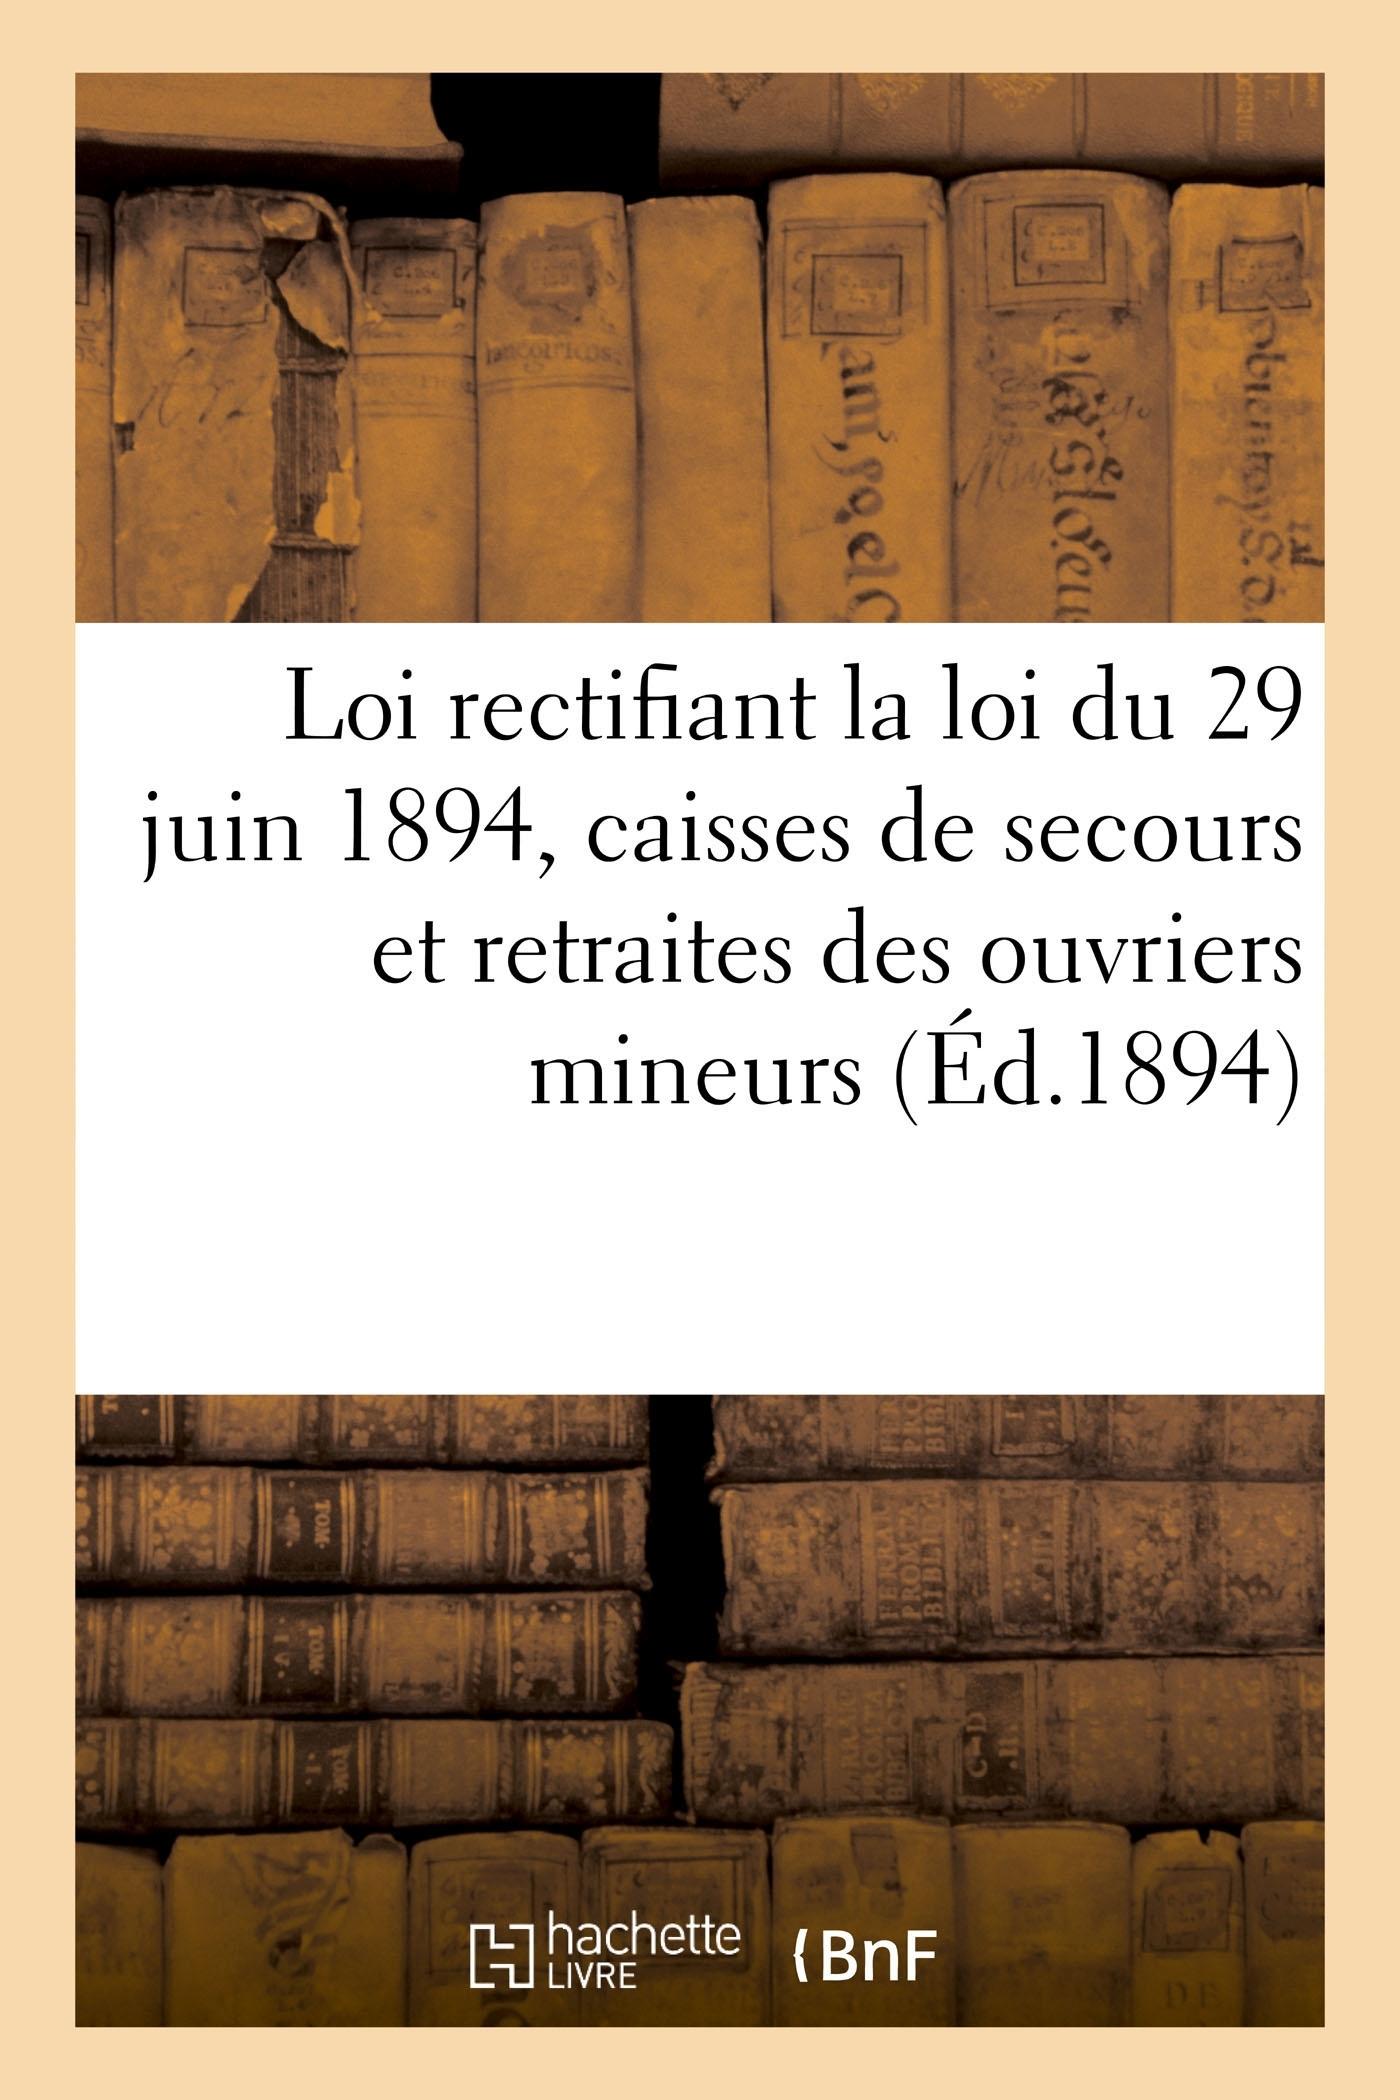 LOI PORTANT RECTIFICATION DE LA LOI DU 29 JUIN 1894 SUR LES CAISSES DE SECOURS ET DE RETRAITES - DES